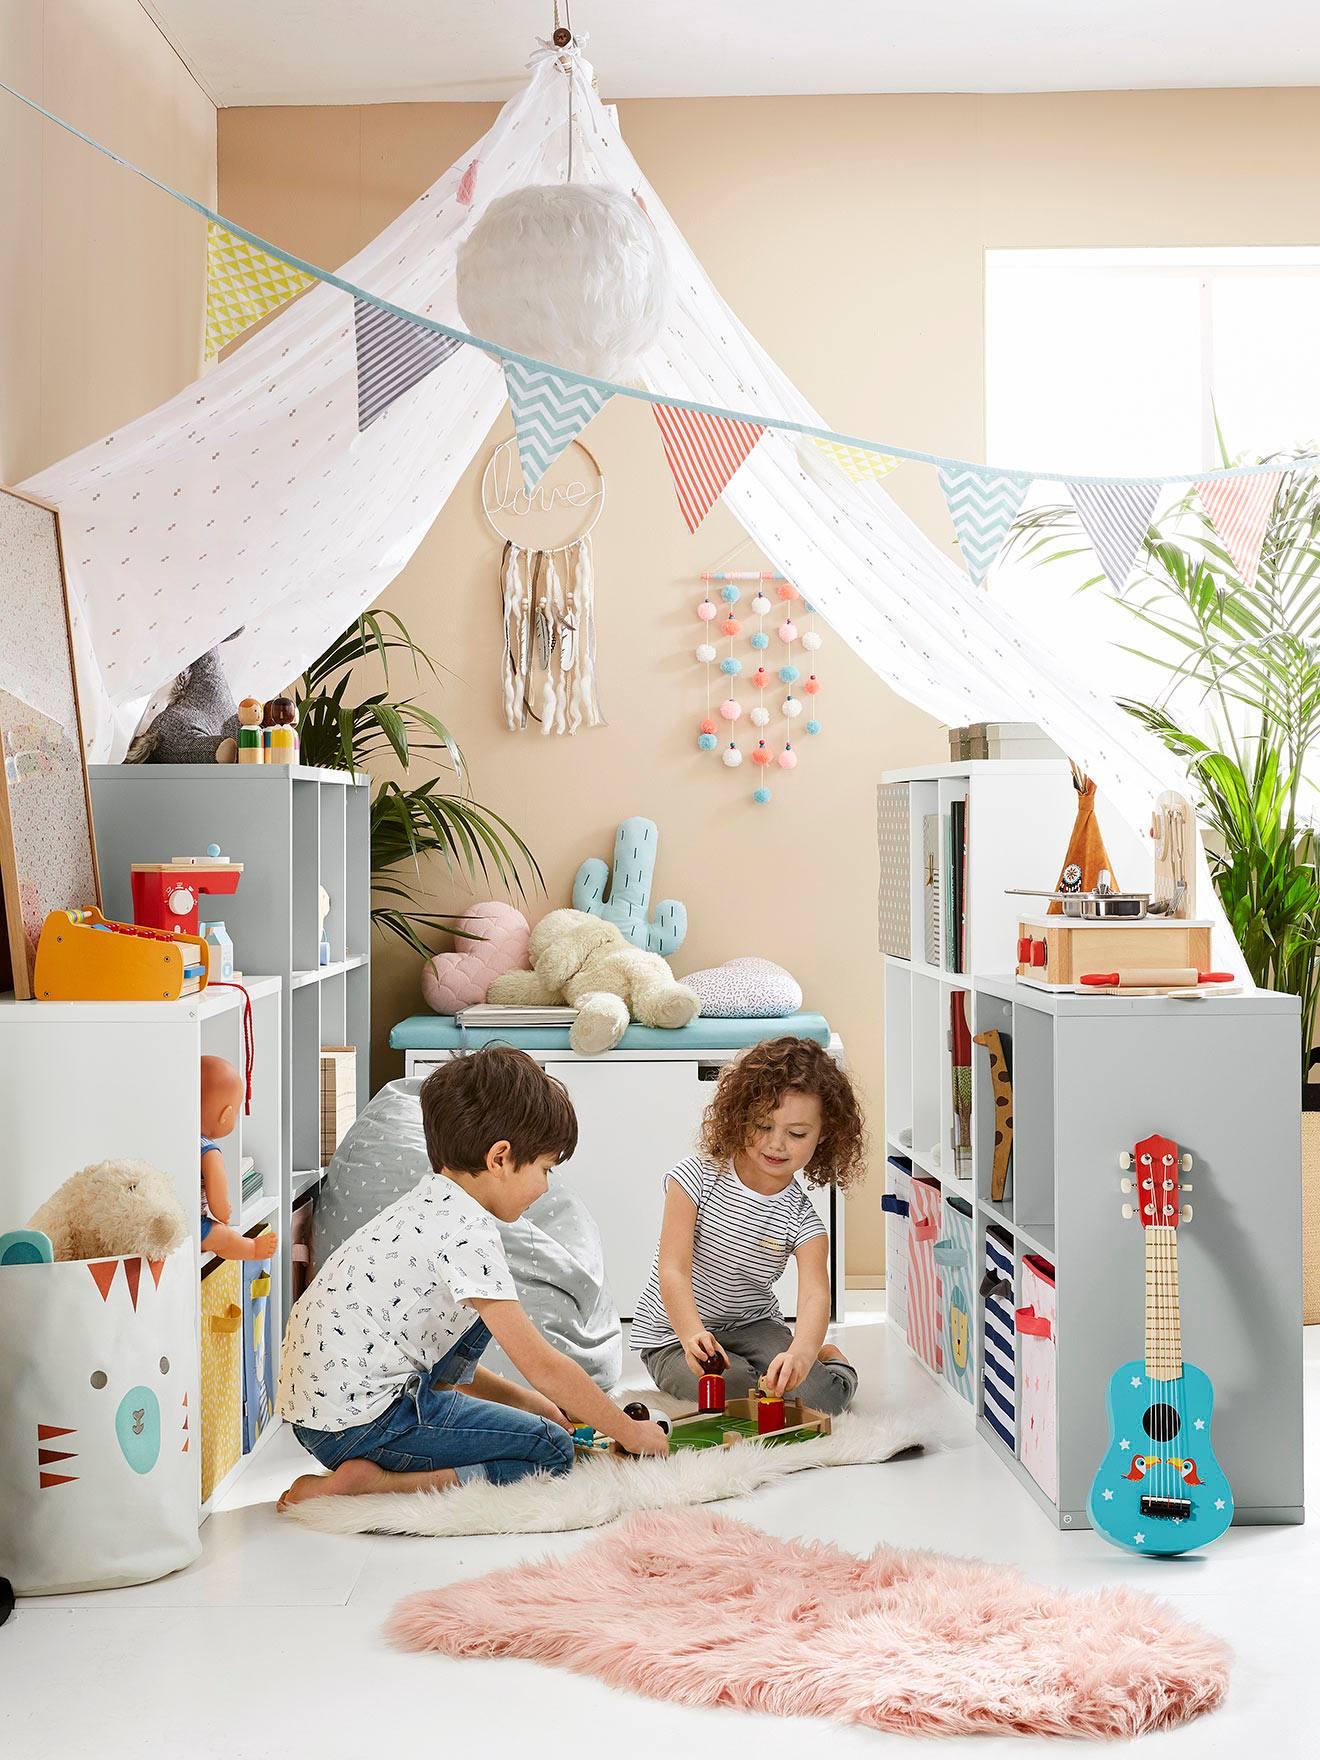 Vertbaudet Wimpel Girlande Fur Kinderzimmer Wimpelkette In Mehrfarbig